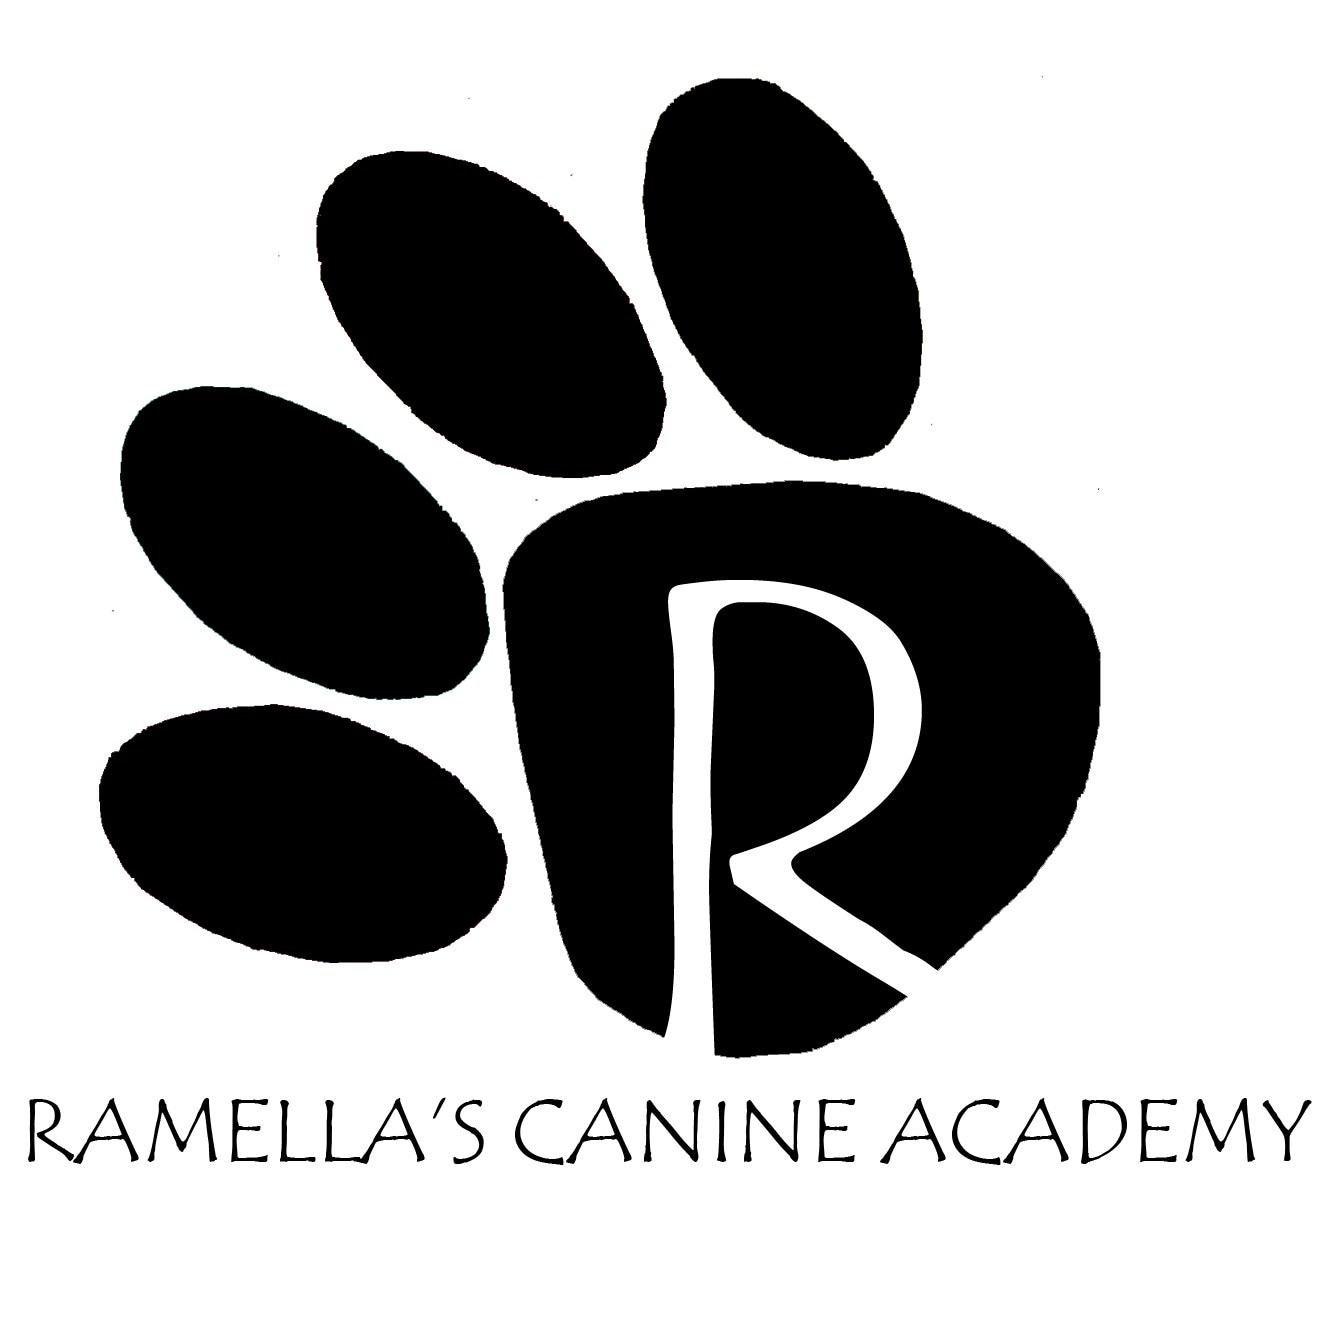 Ramella's Canine Academy